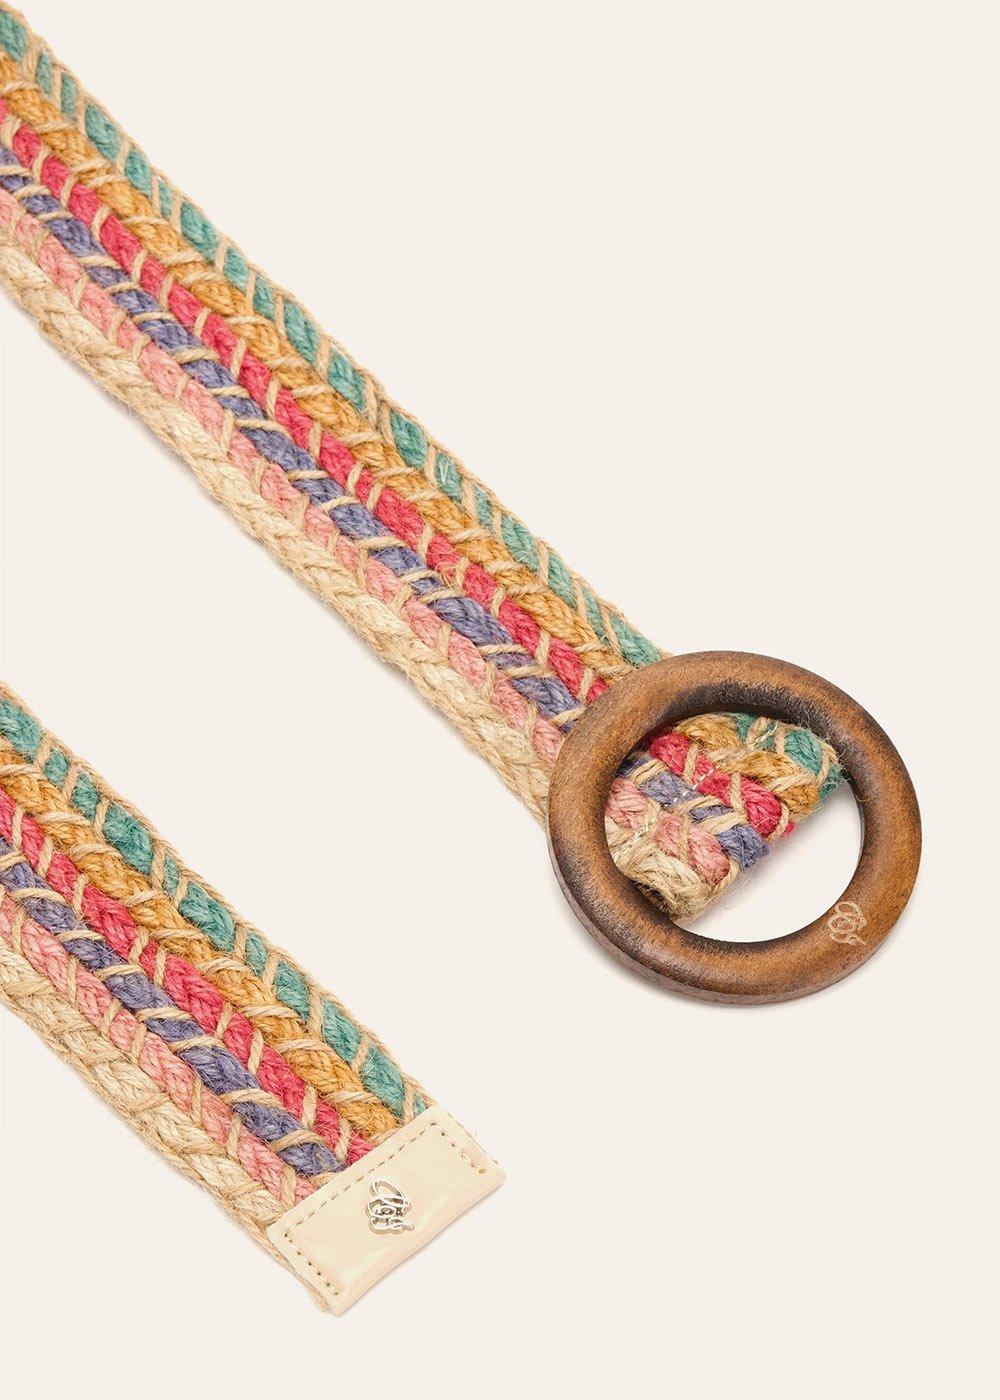 Casy woven linen belt - Safari - Woman